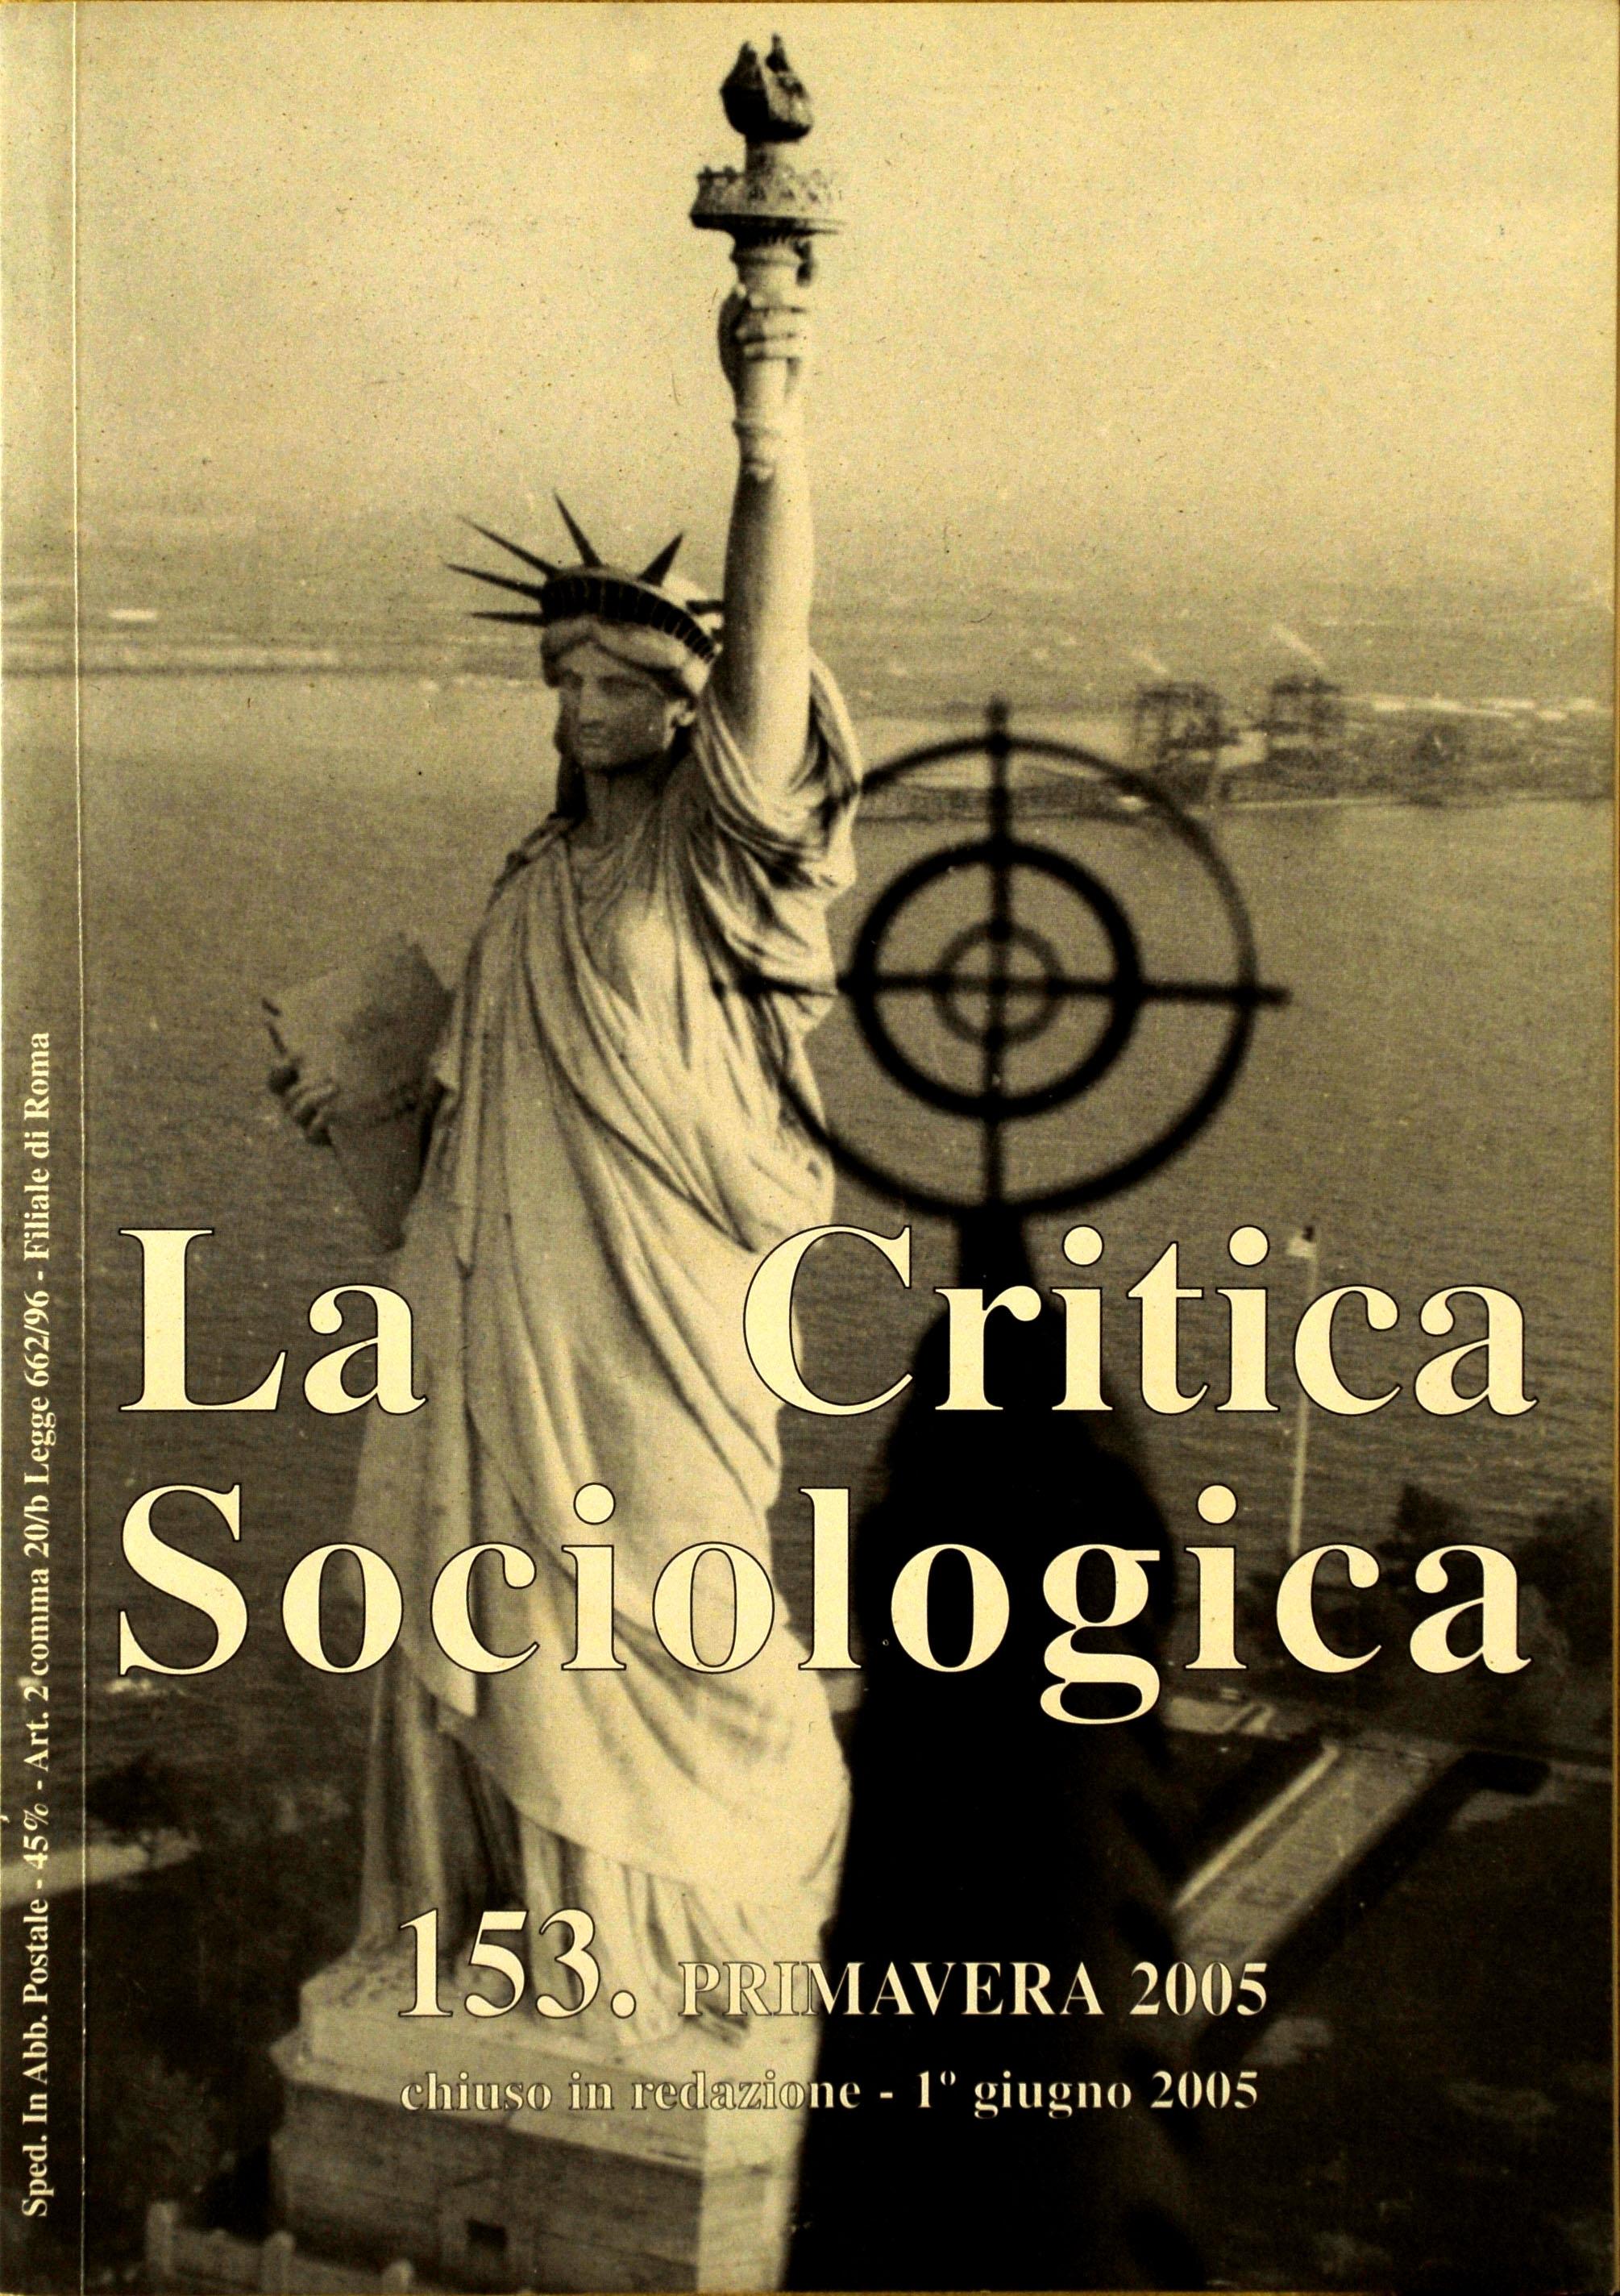 La critica sociologica